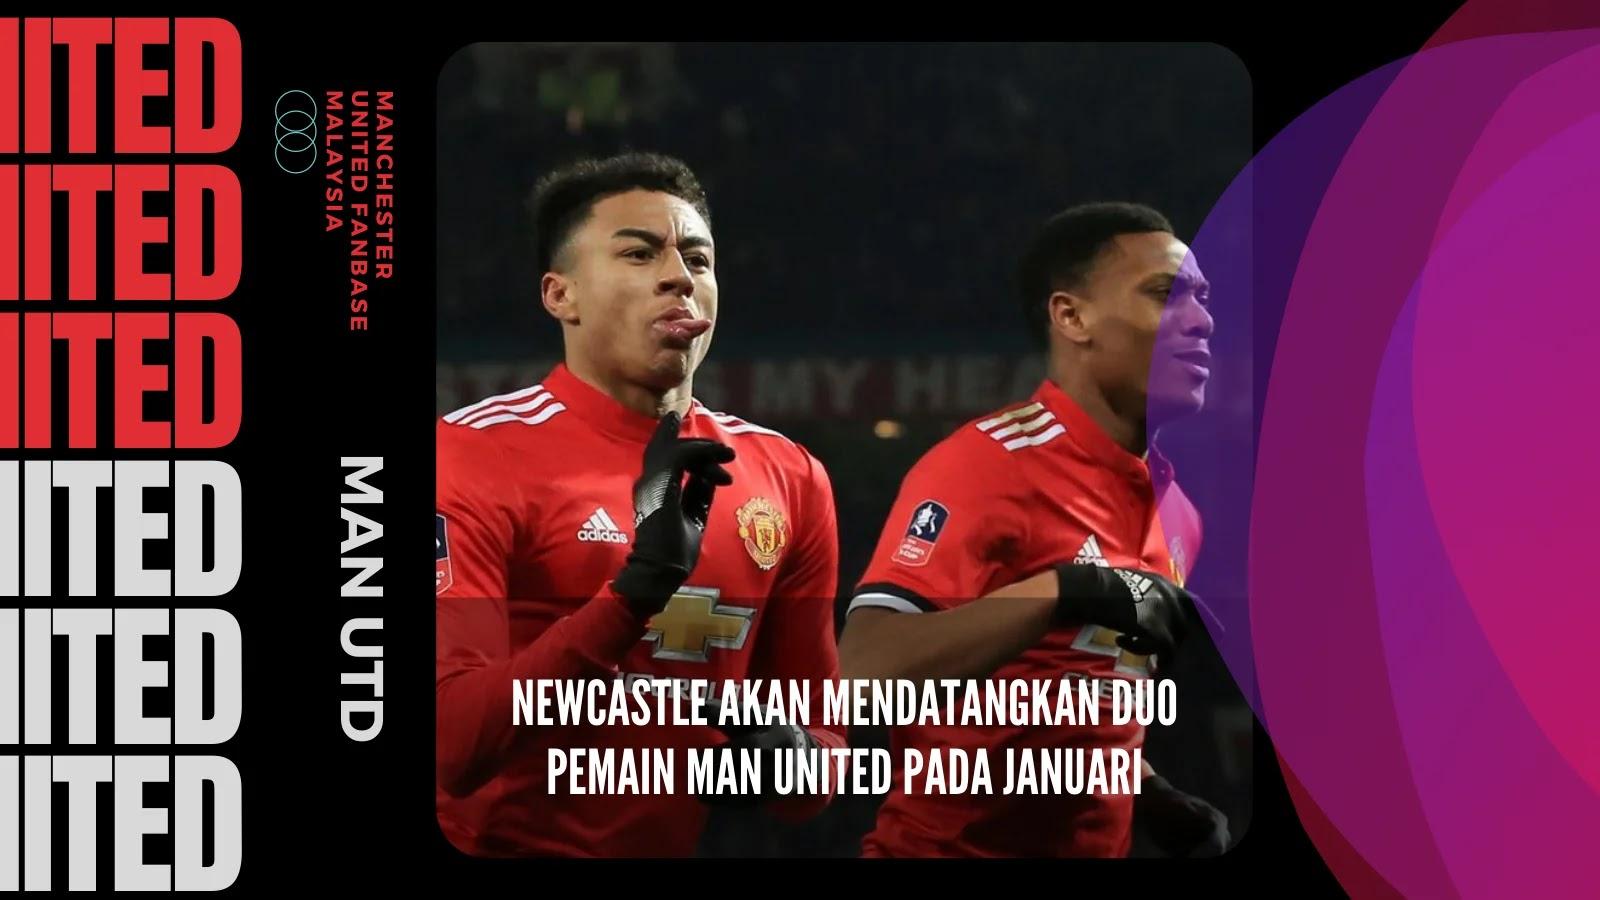 Newcastle Akan Mendatangkan Duo Pemain Man United Pada Januari